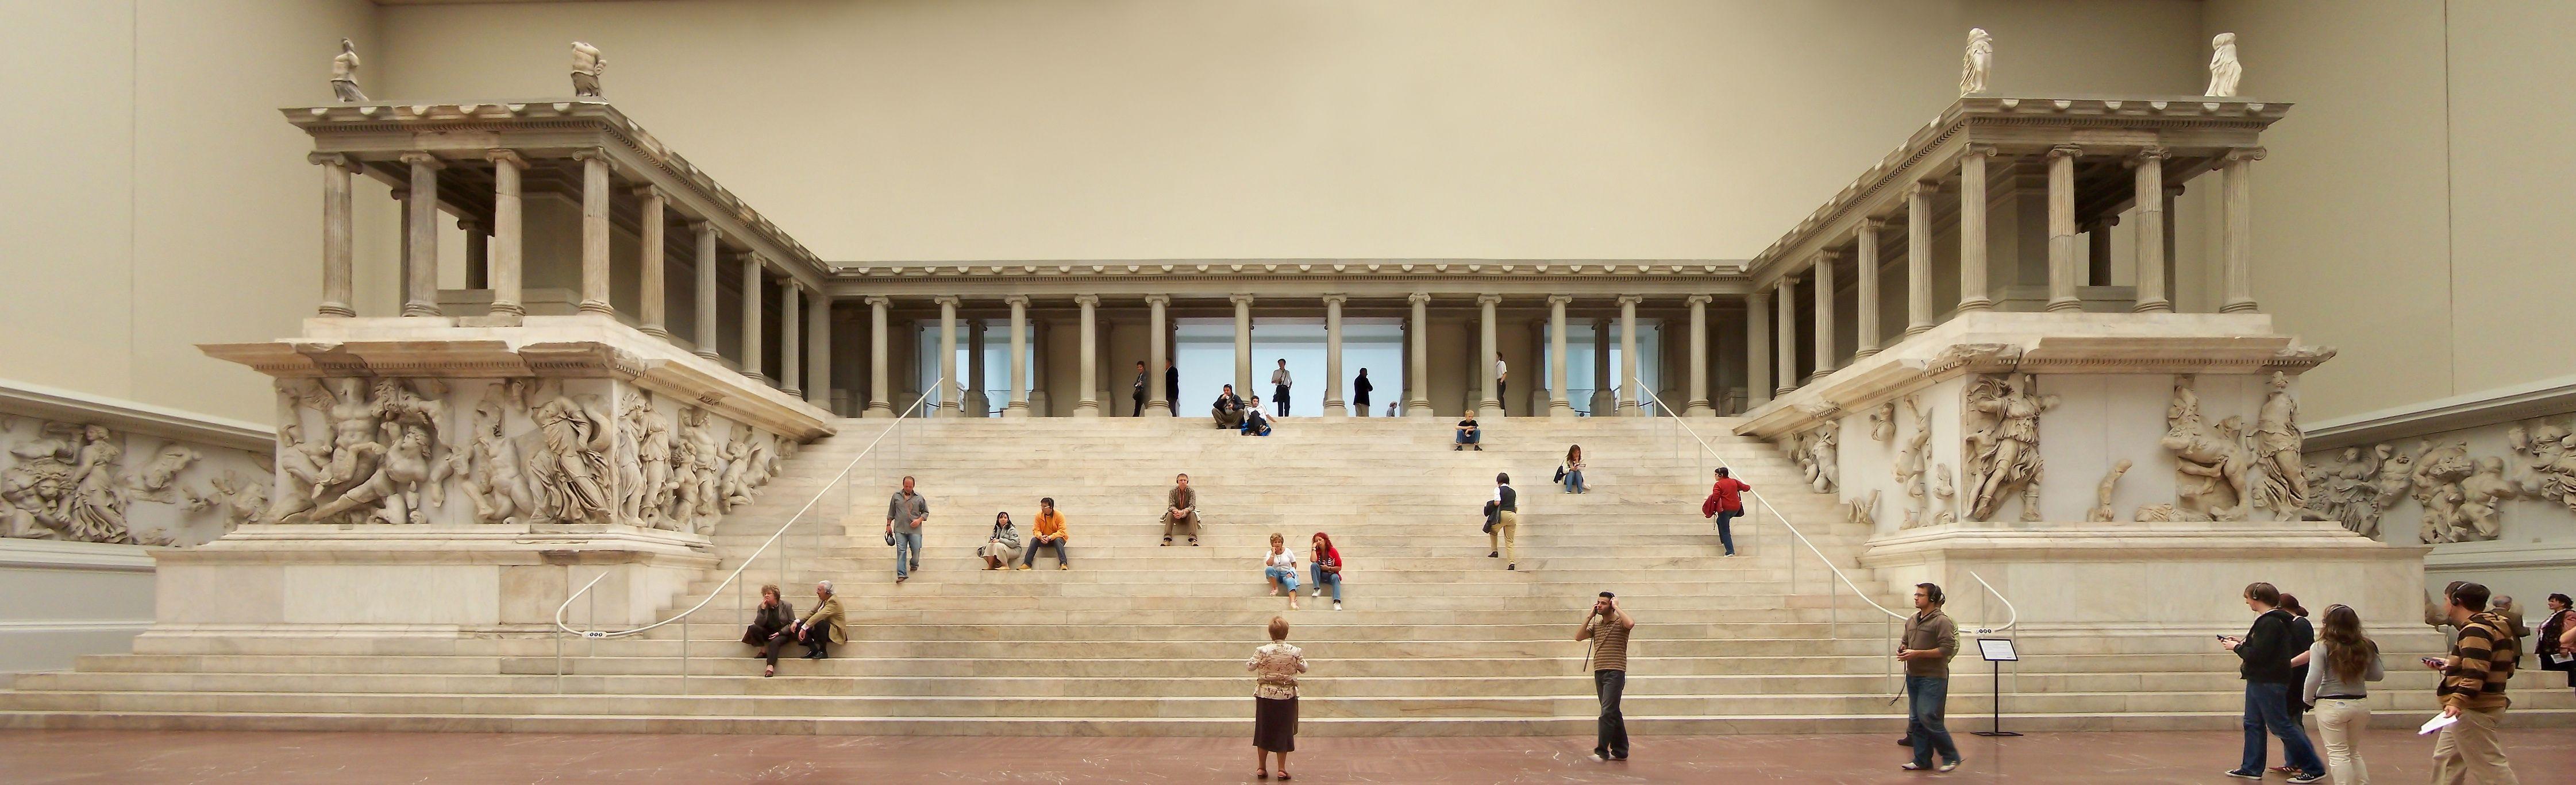 Berlin Pergamonmuseum Altar 01 Jpg 4483 1367 Museo De Pergamo Altar De Zeus Museos